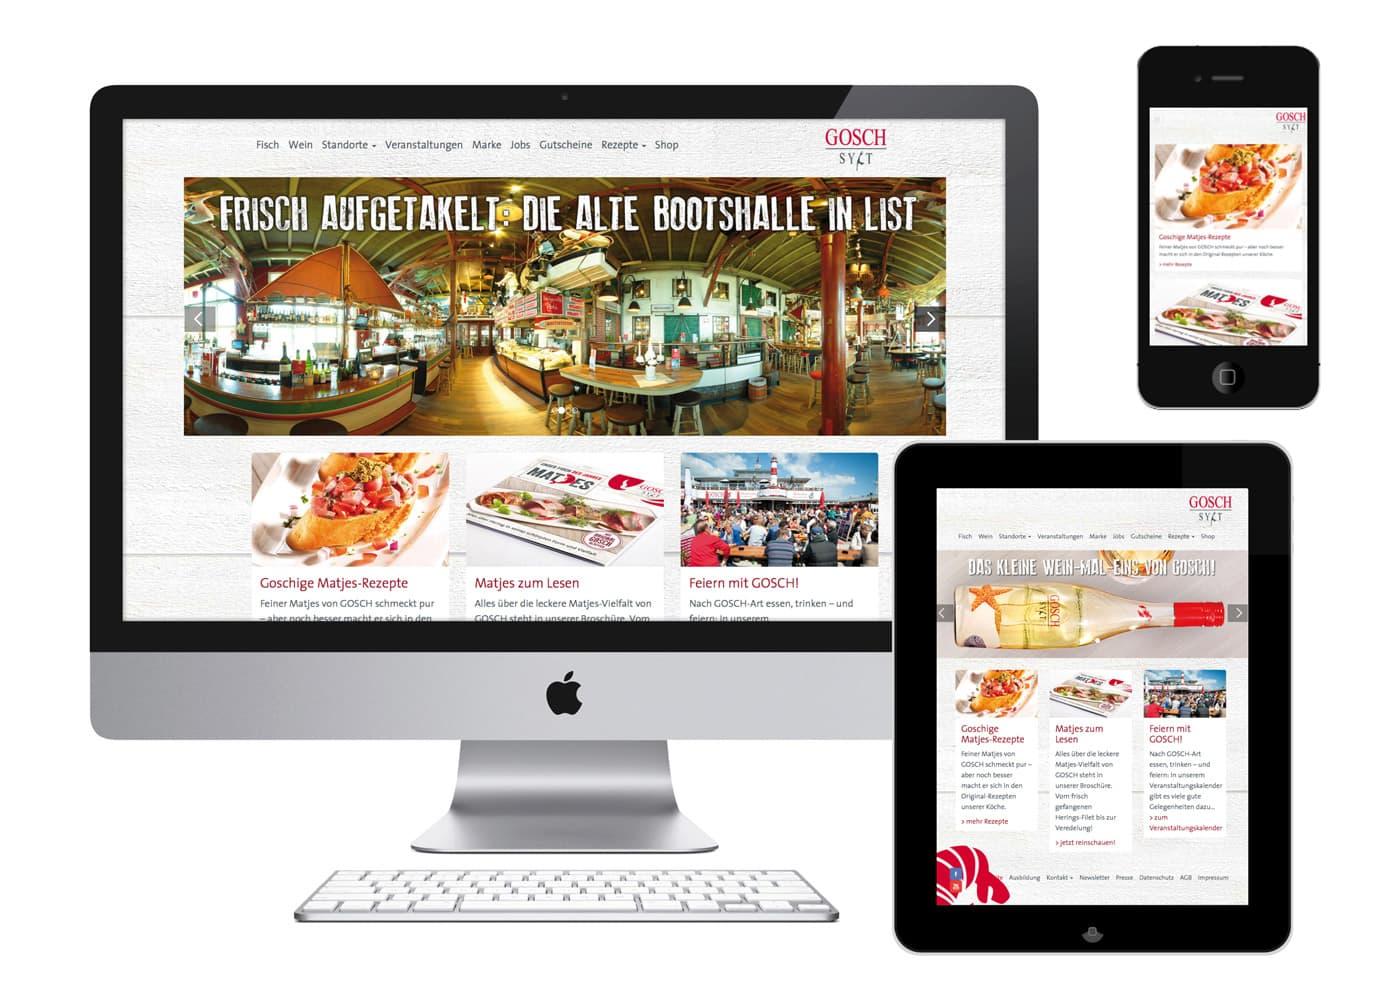 """CD-Entwicklung und Markenführung für """"GOSCH Sylt"""": Desktop, Tablet oder Mobile: Unternehmens-Website im Responsive-Design"""